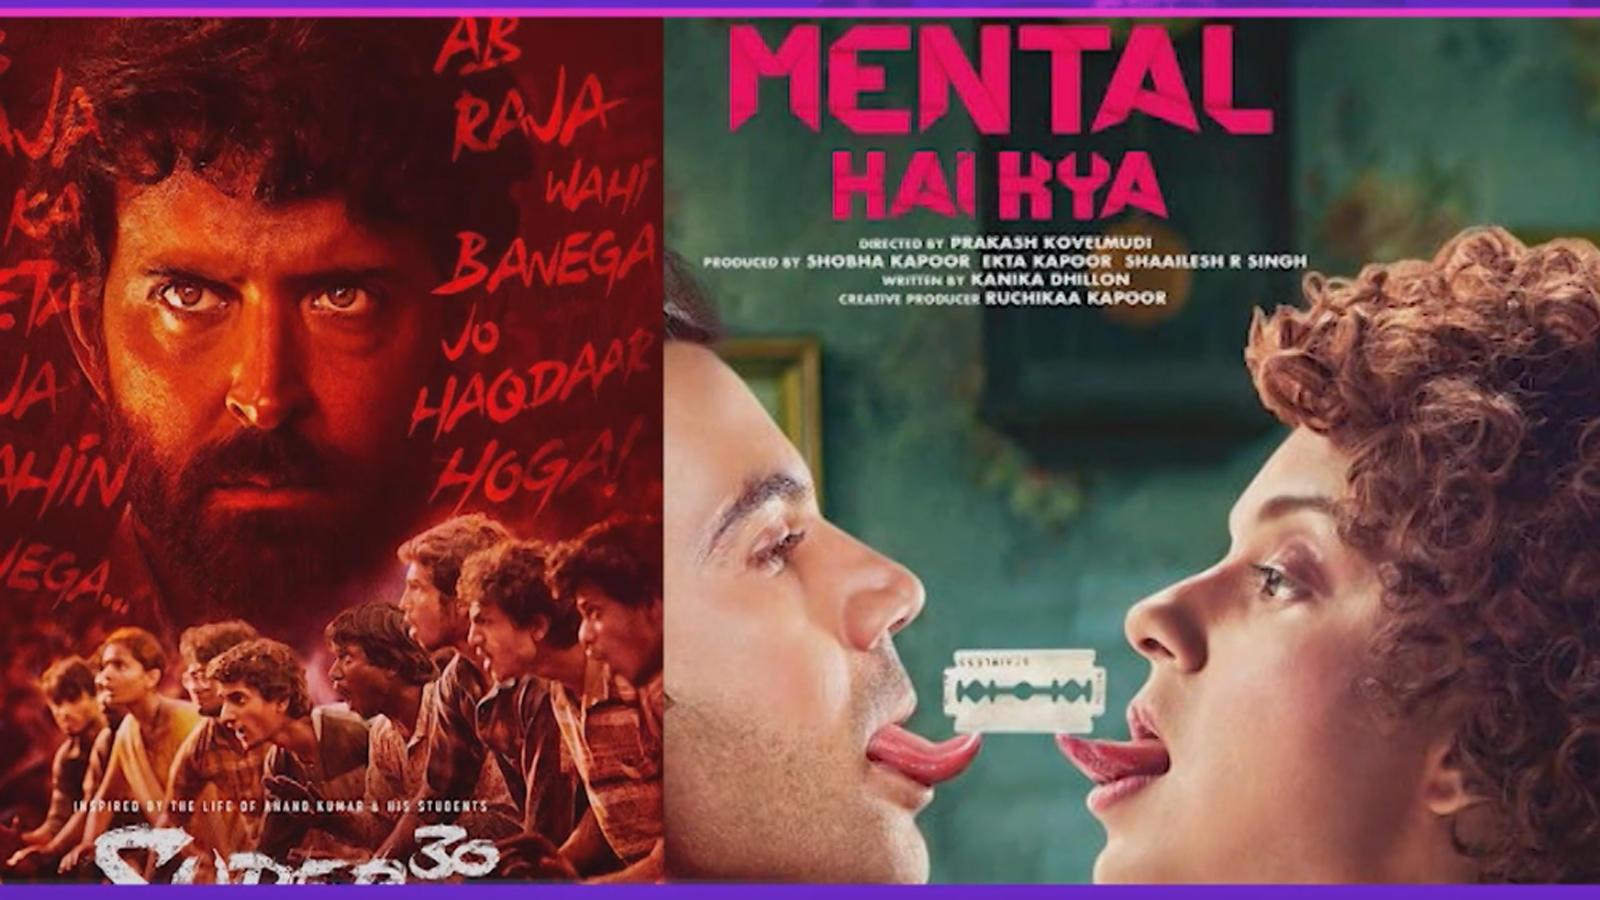 Kangana Ranaut's 'Mental Hain Kya' to clash with Hrithik Roshan's 'Super 30' on July 26